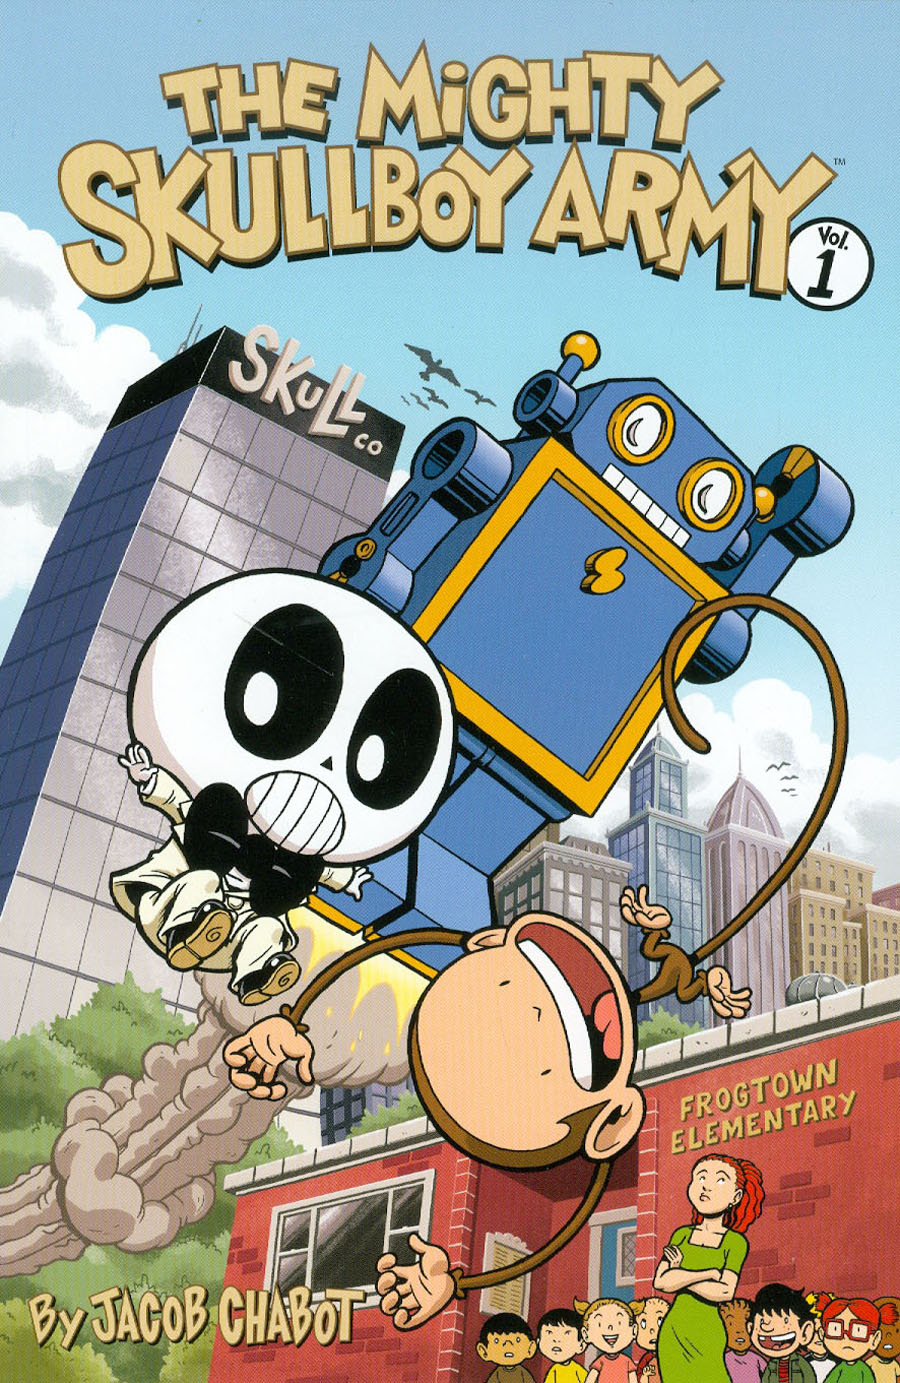 Mighty Skullboy Army Vol 1 TP 2nd Edition